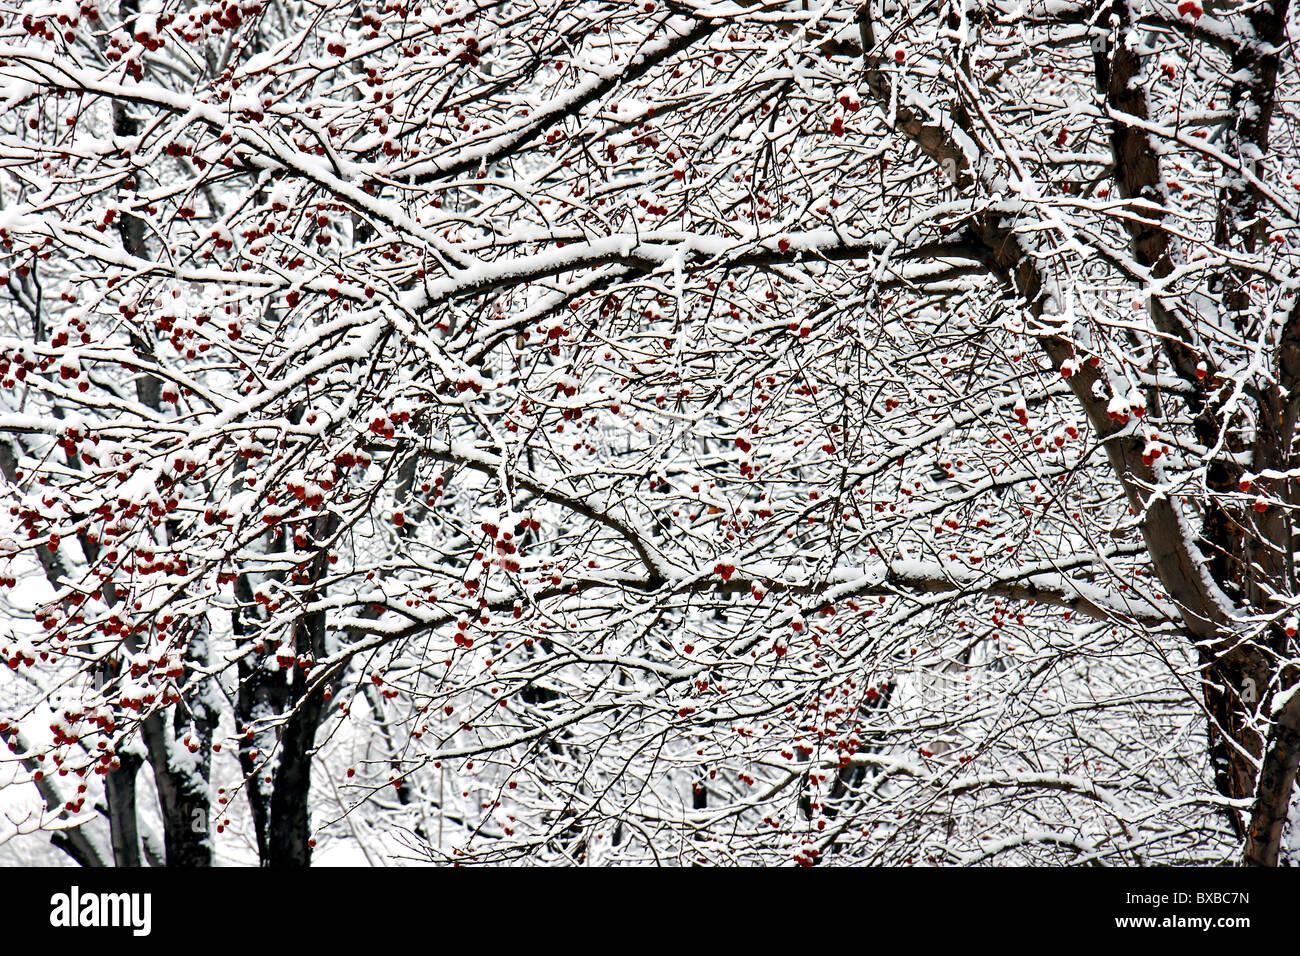 Winter Hintergrund mit Schnee bedeckt Niederlassungen vieler Bäume, kleine rote Früchte trägt. Stockbild